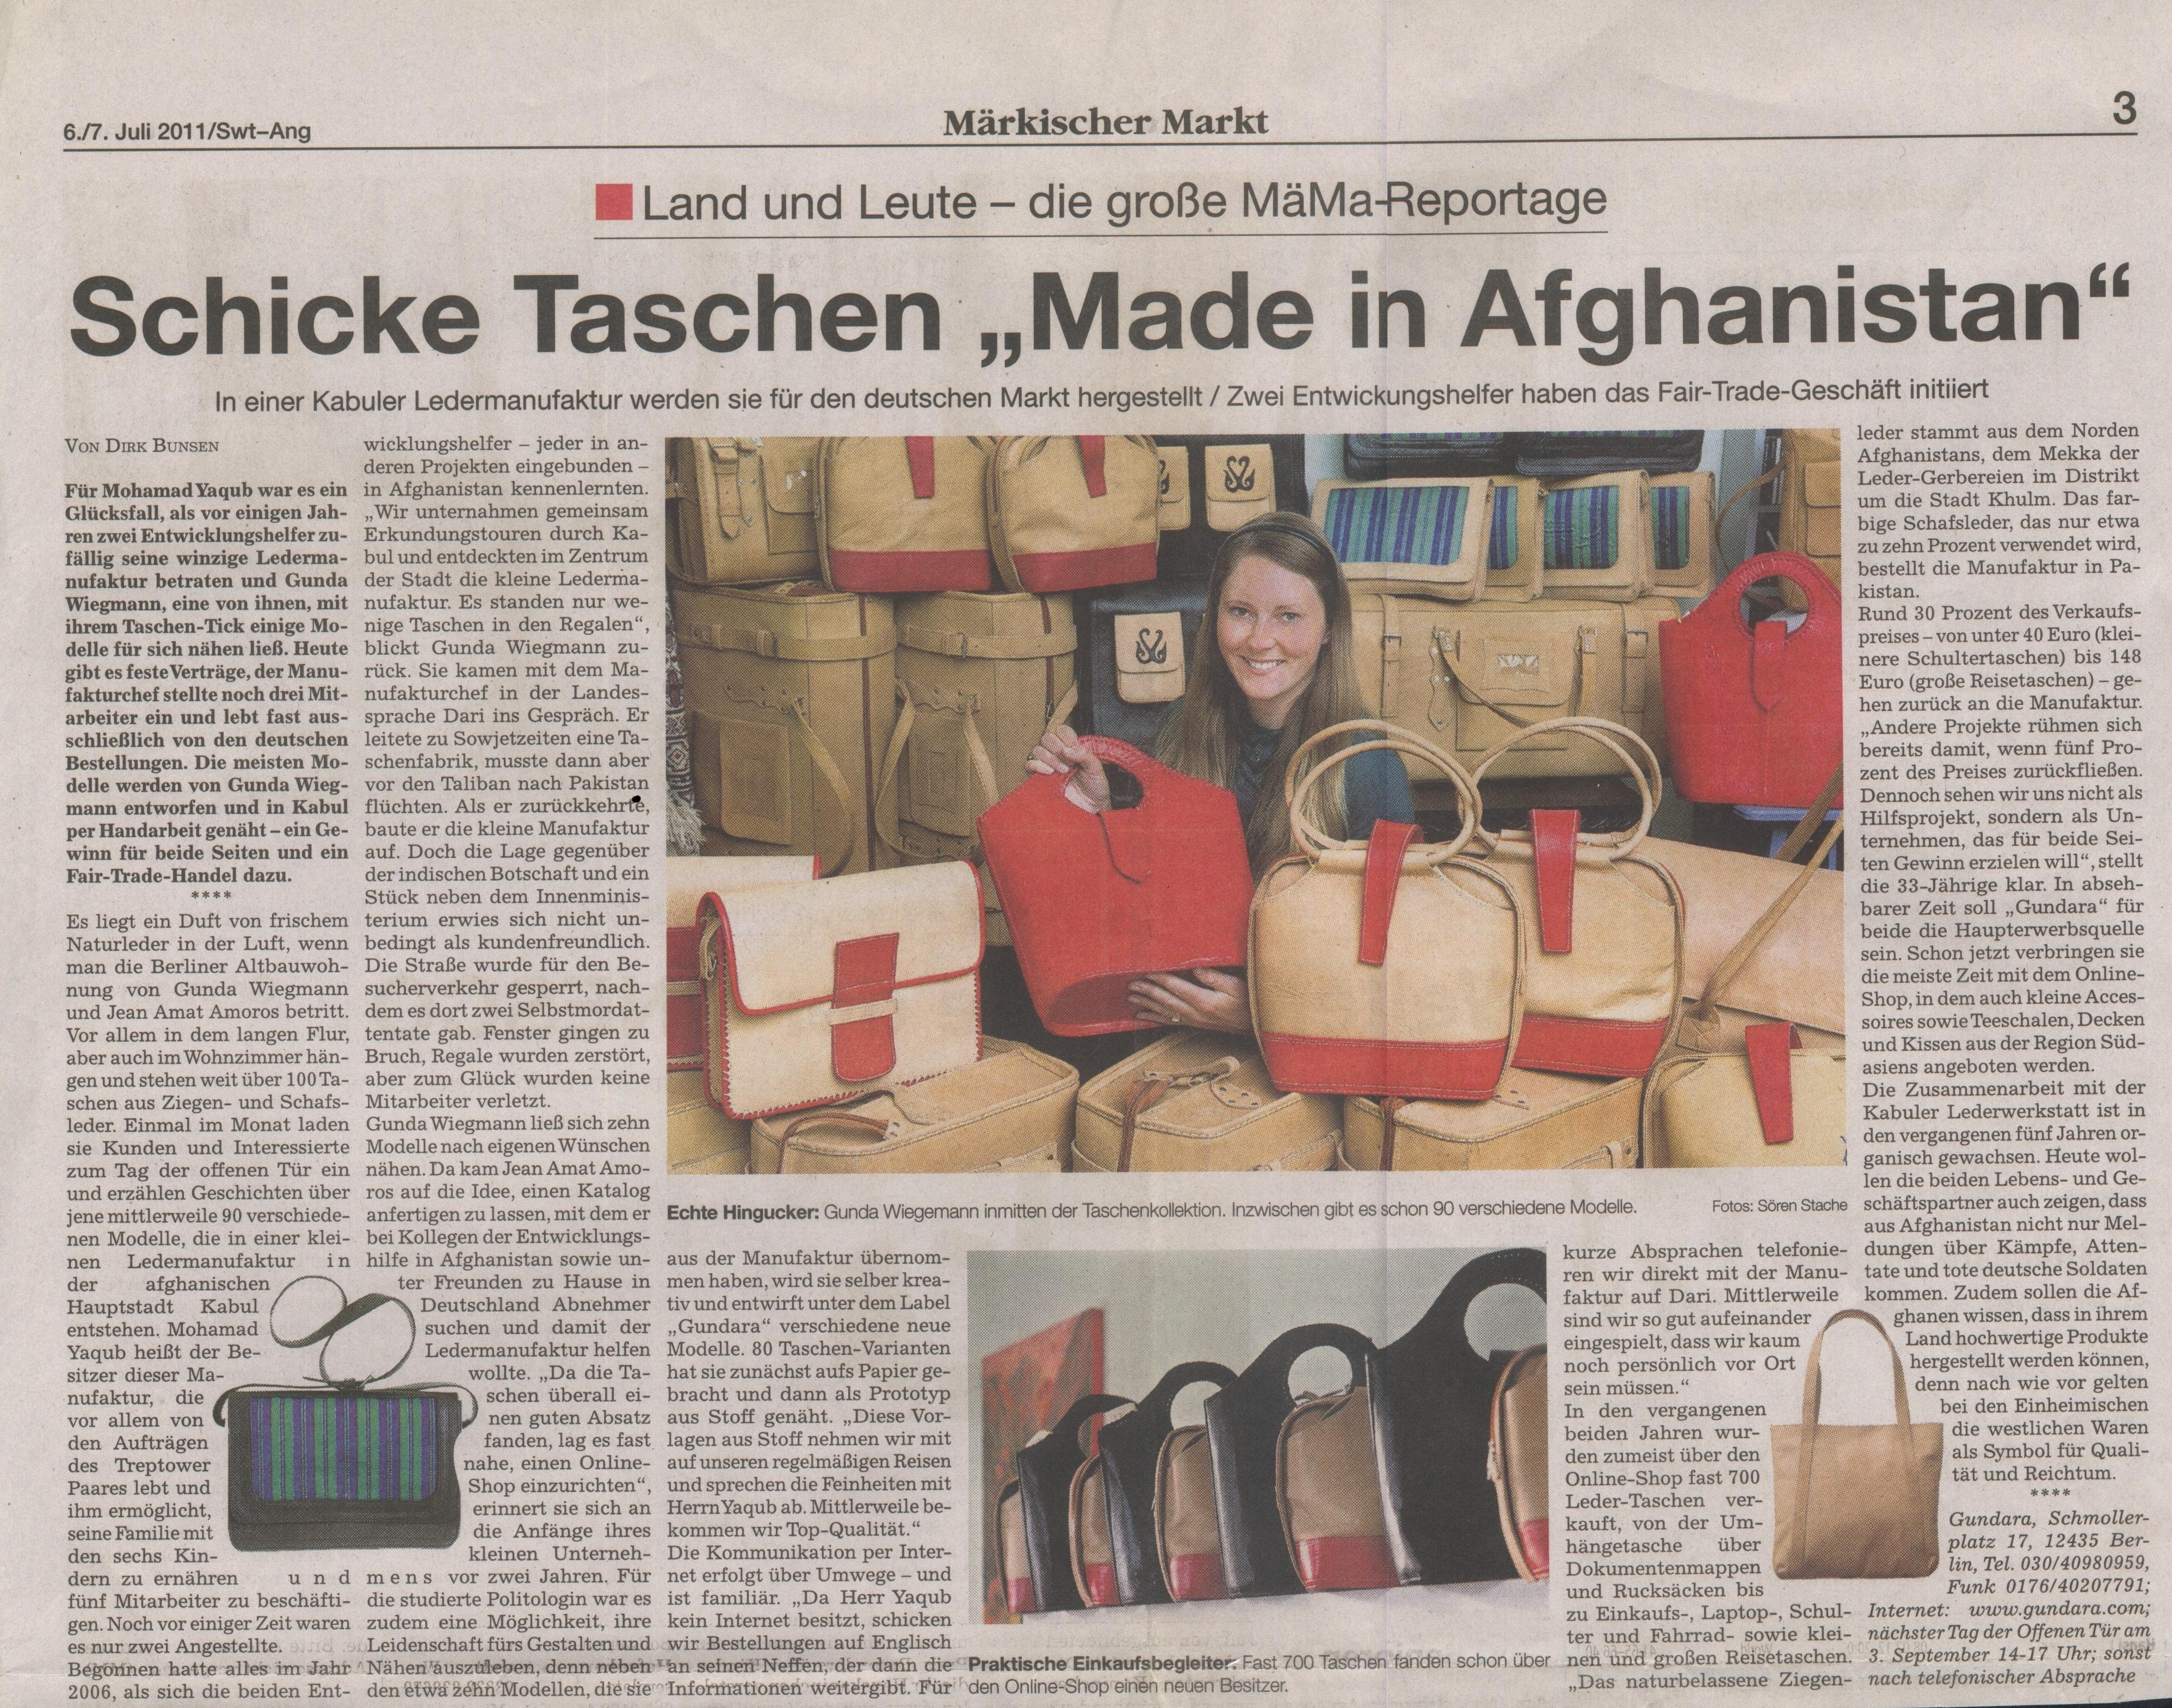 Schicke Taschen Made in Afghanistan